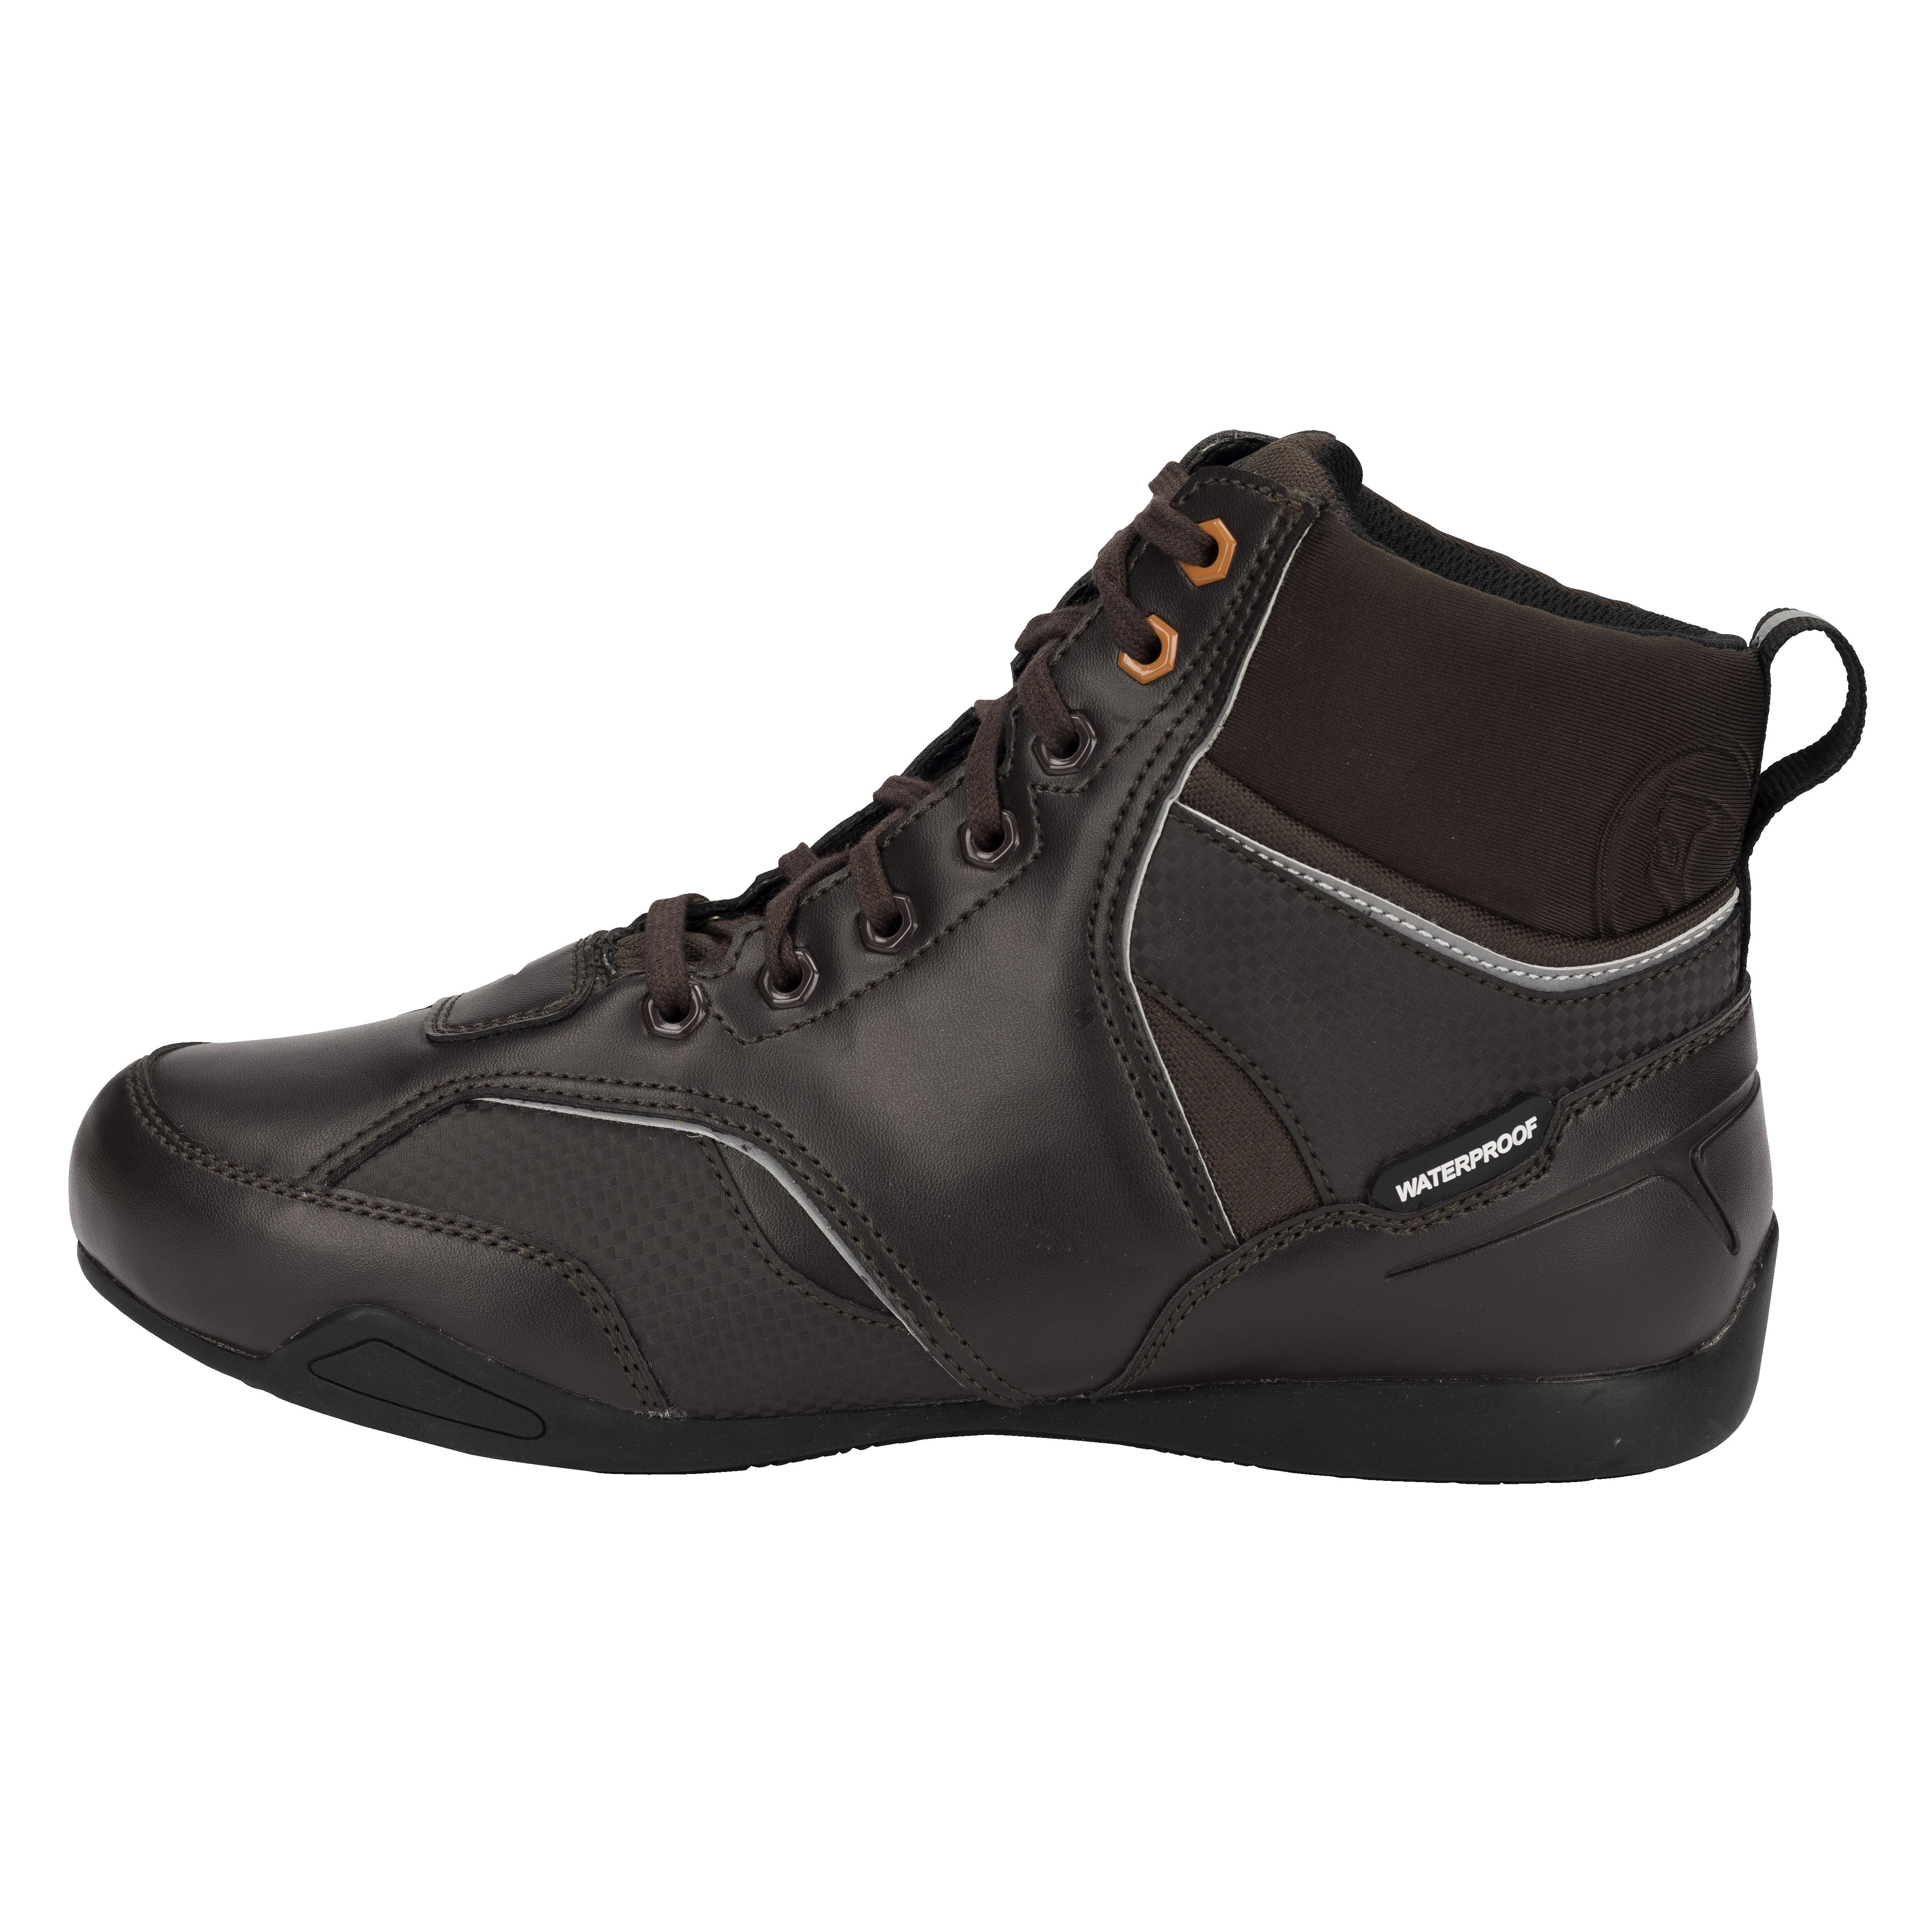 Escape BBO153 Cipők és csizmák Bering motoros ruházat